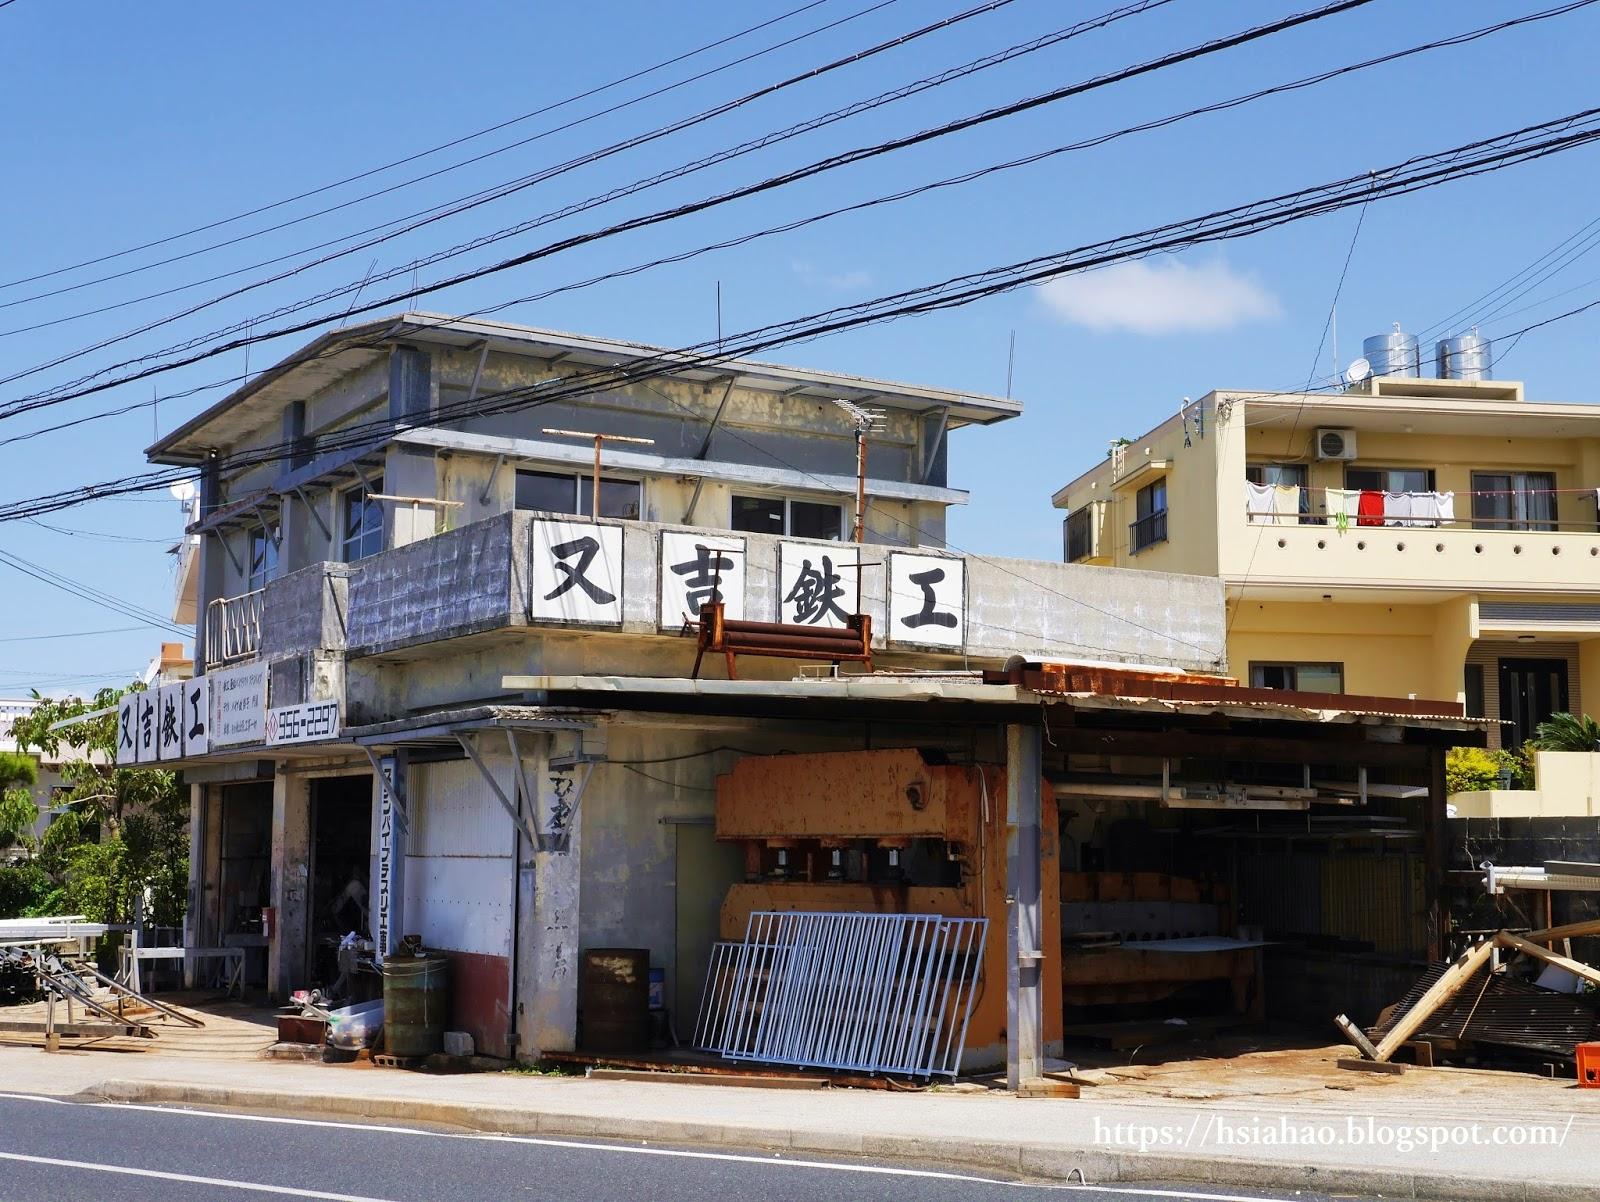 沖繩-讀谷村-Okinawa-Yomitanson